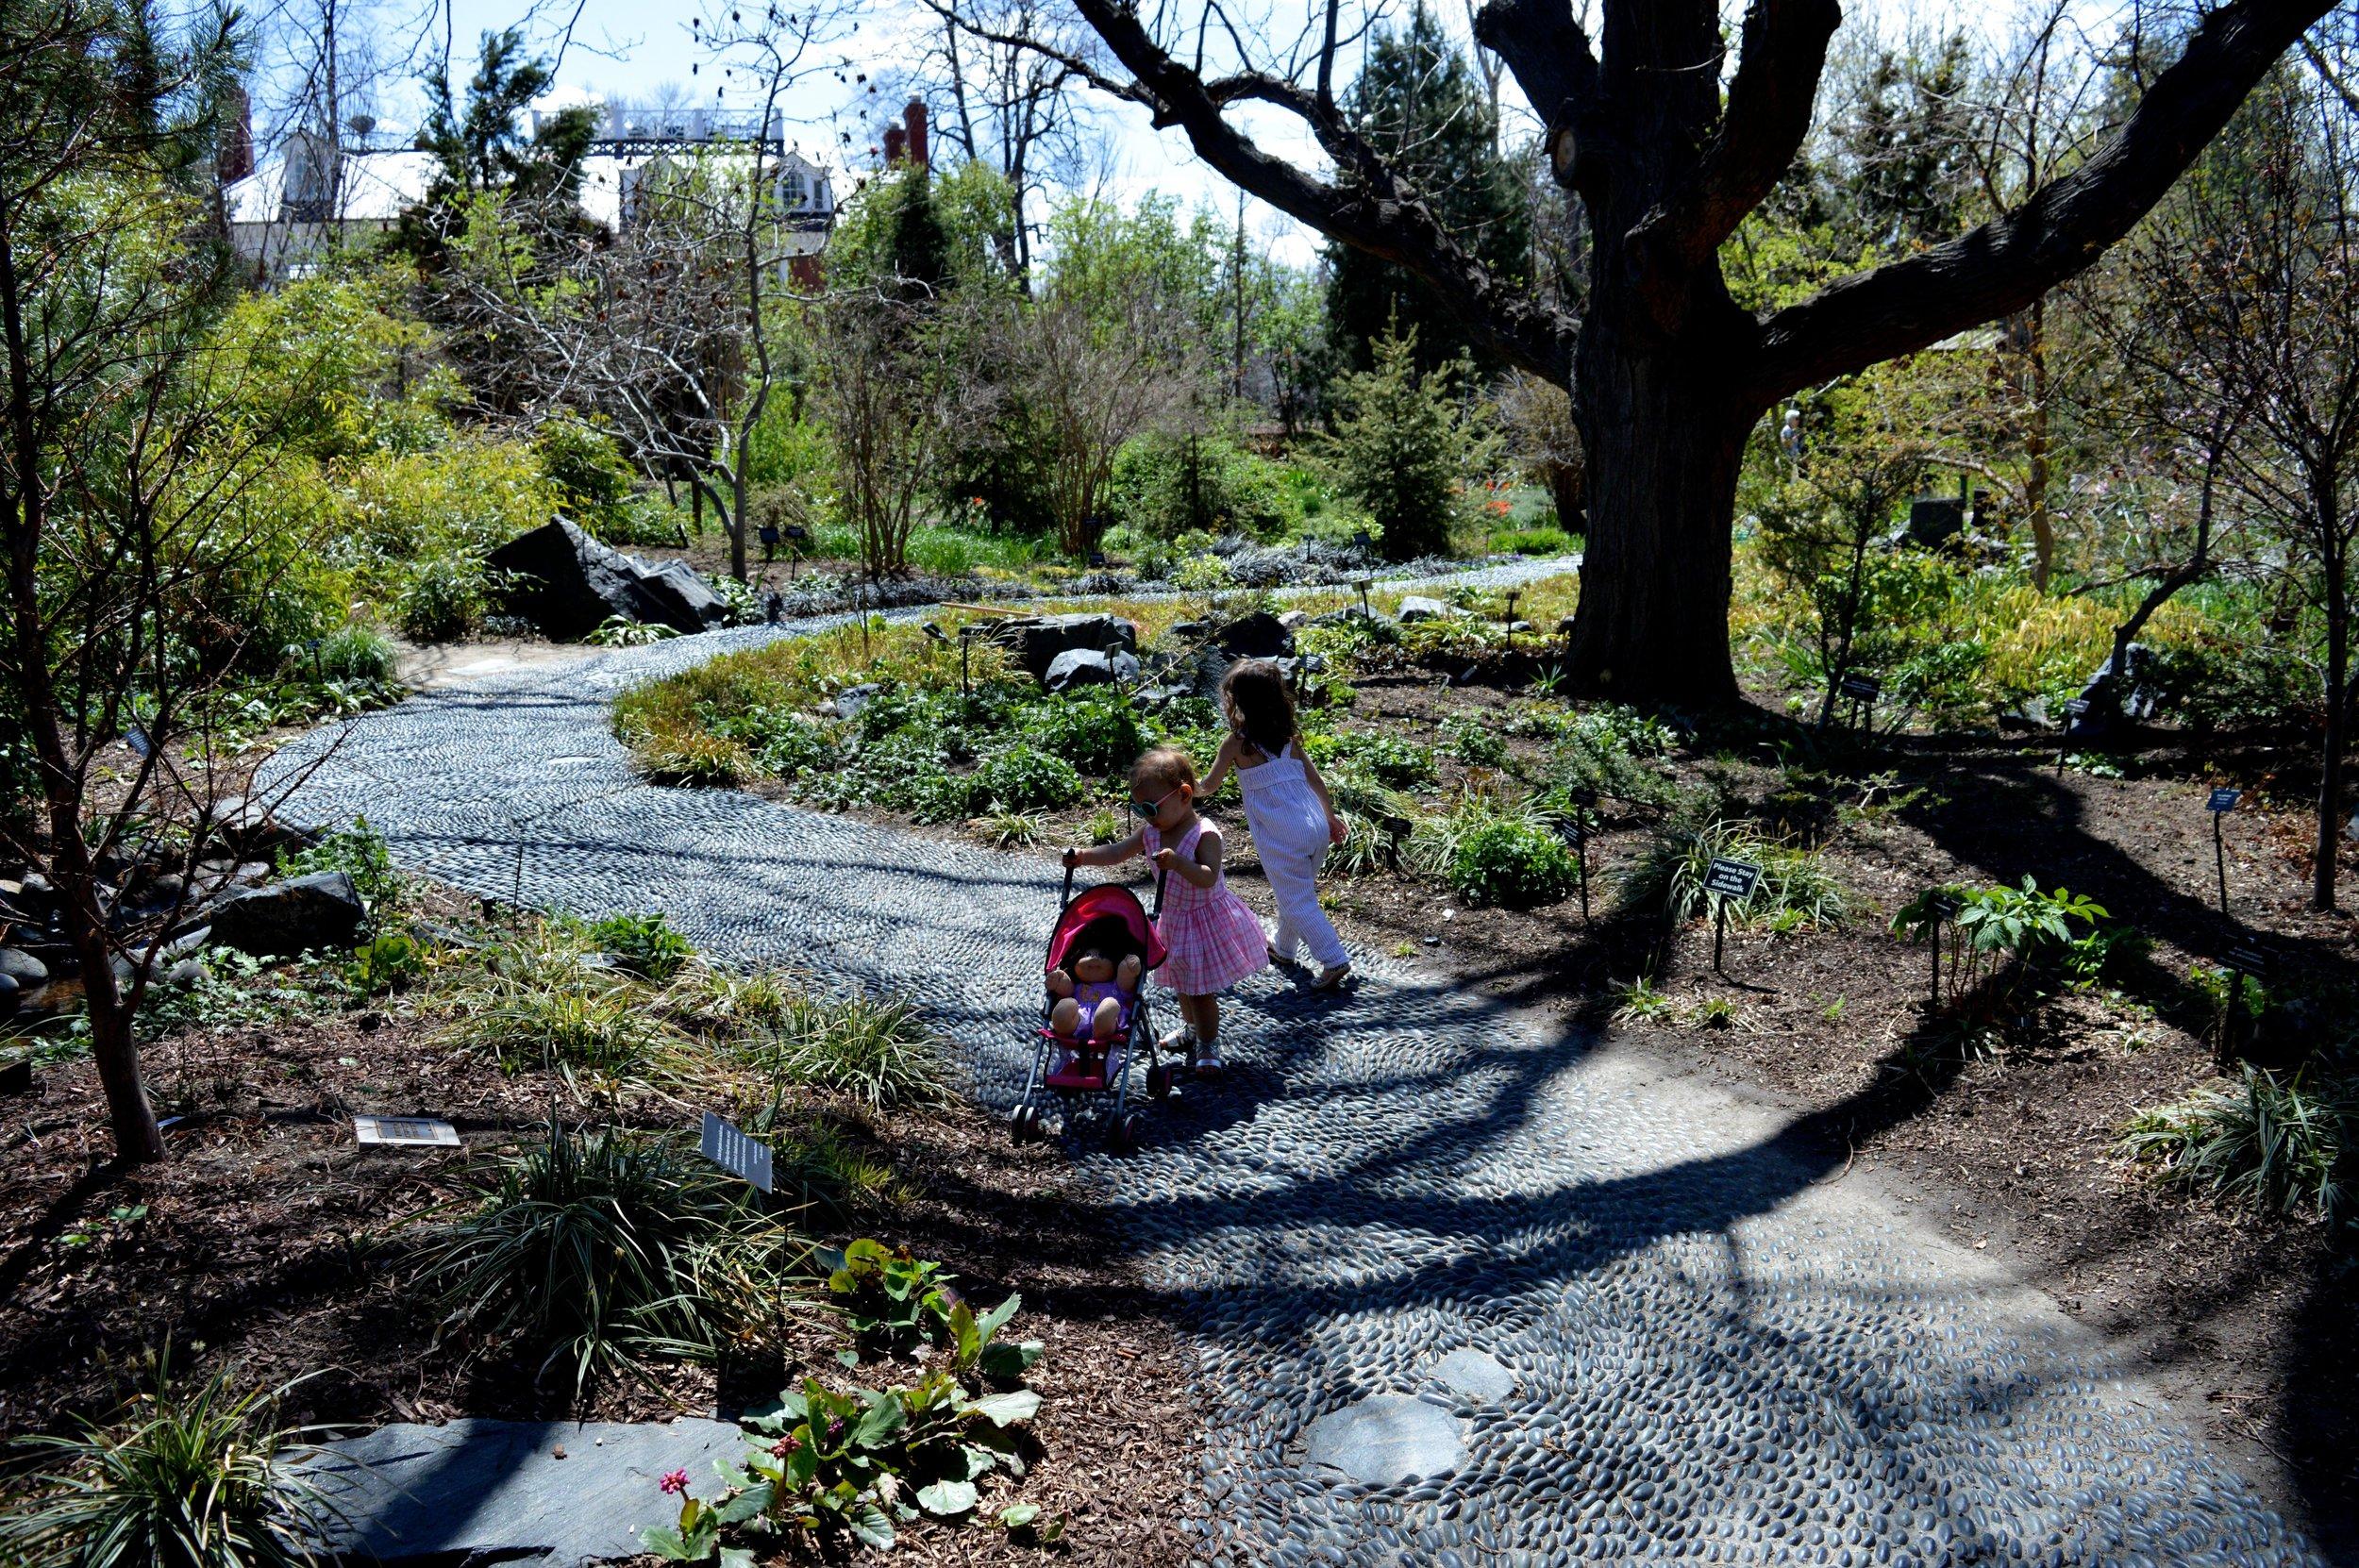 denver-botanic-gardens-April-13-13-1.jpg